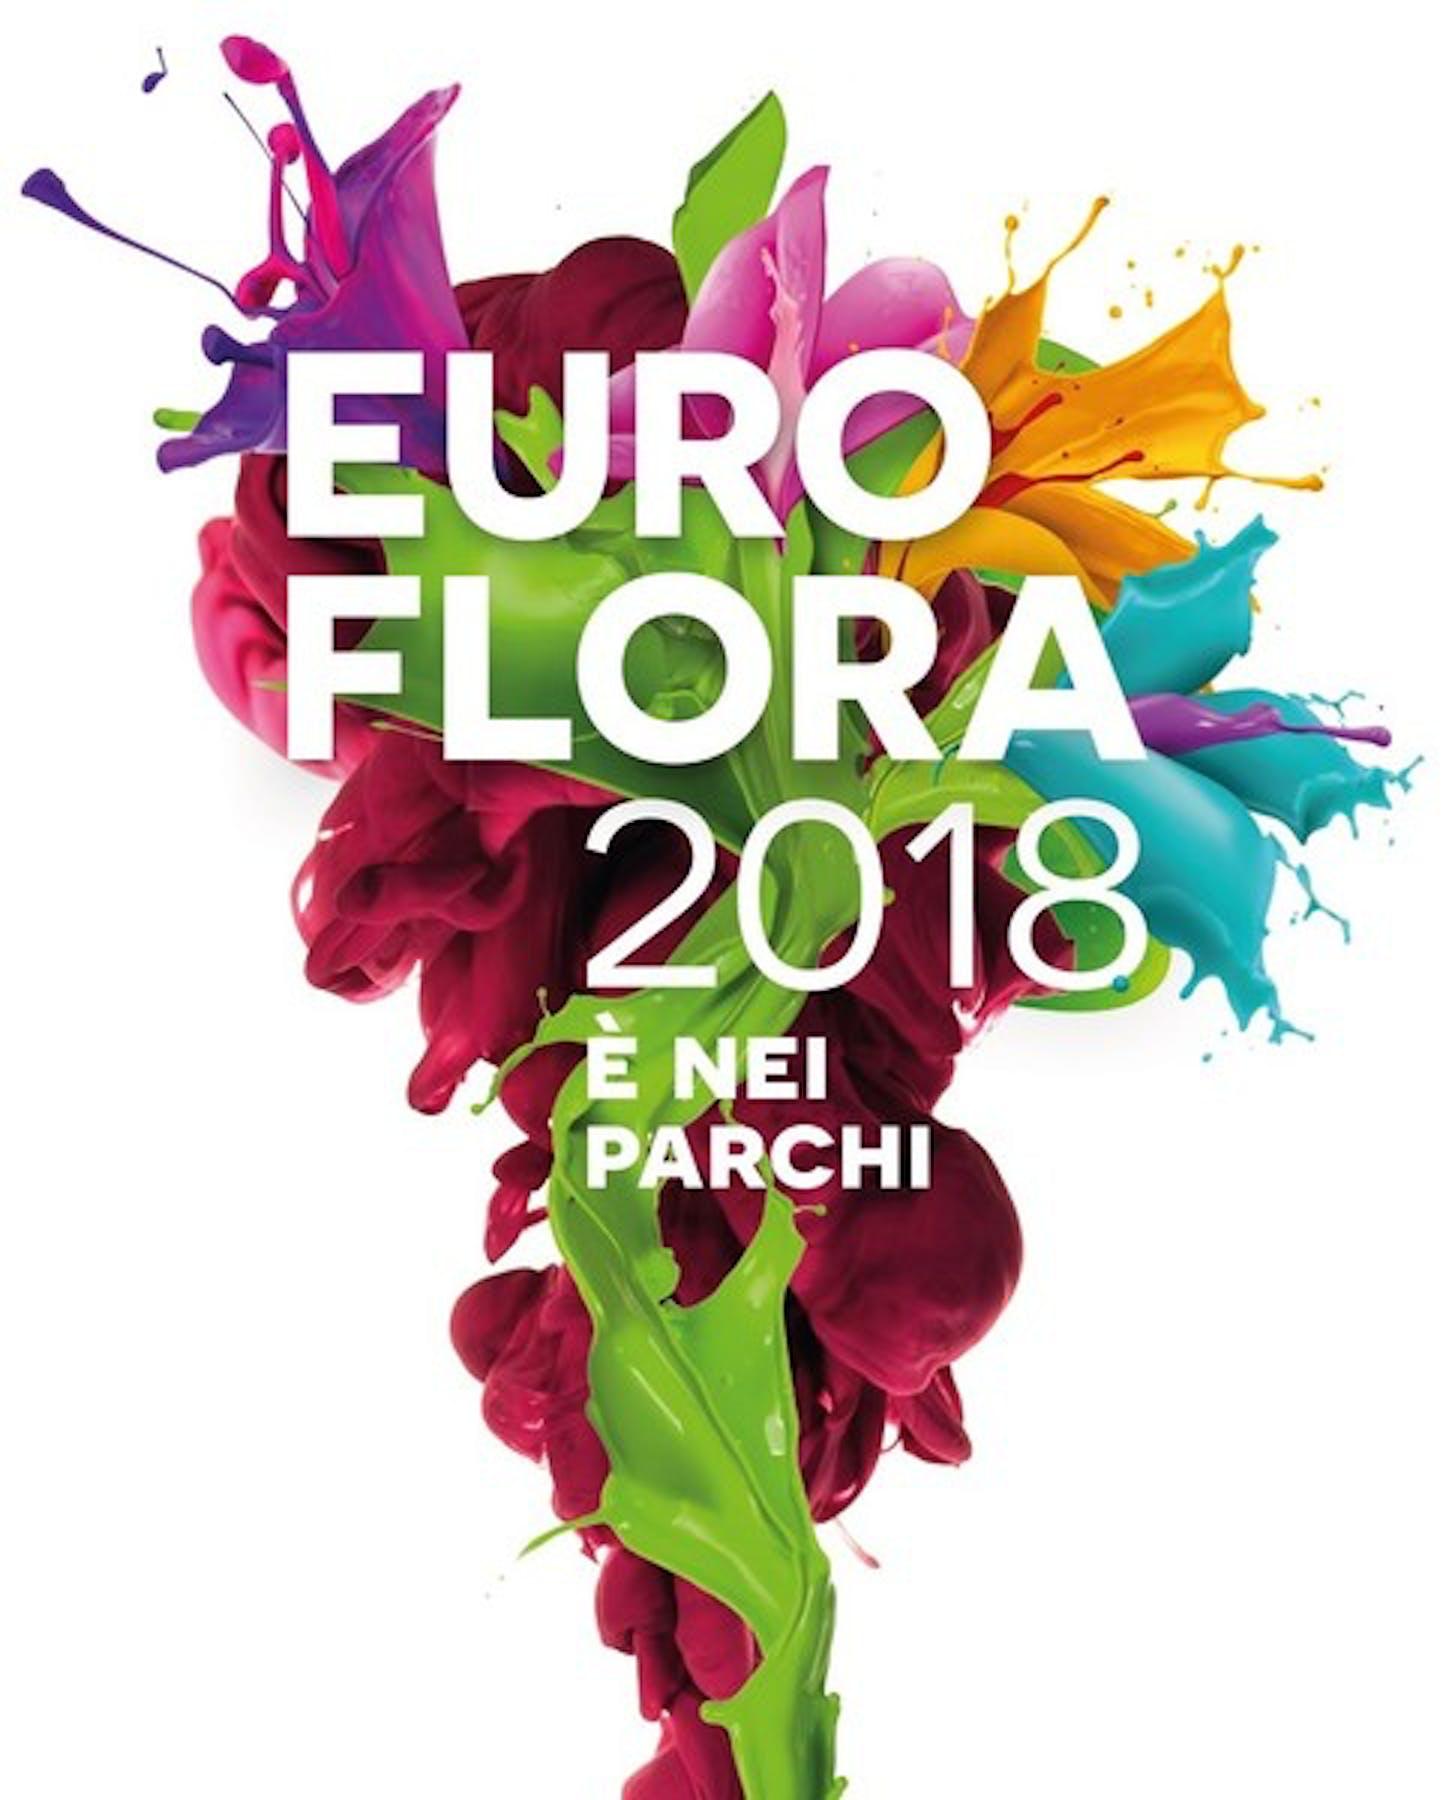 """L'Orchidea dell'UNICEF riceve il """"Premio della solidarietà"""" Euroflora 2018"""